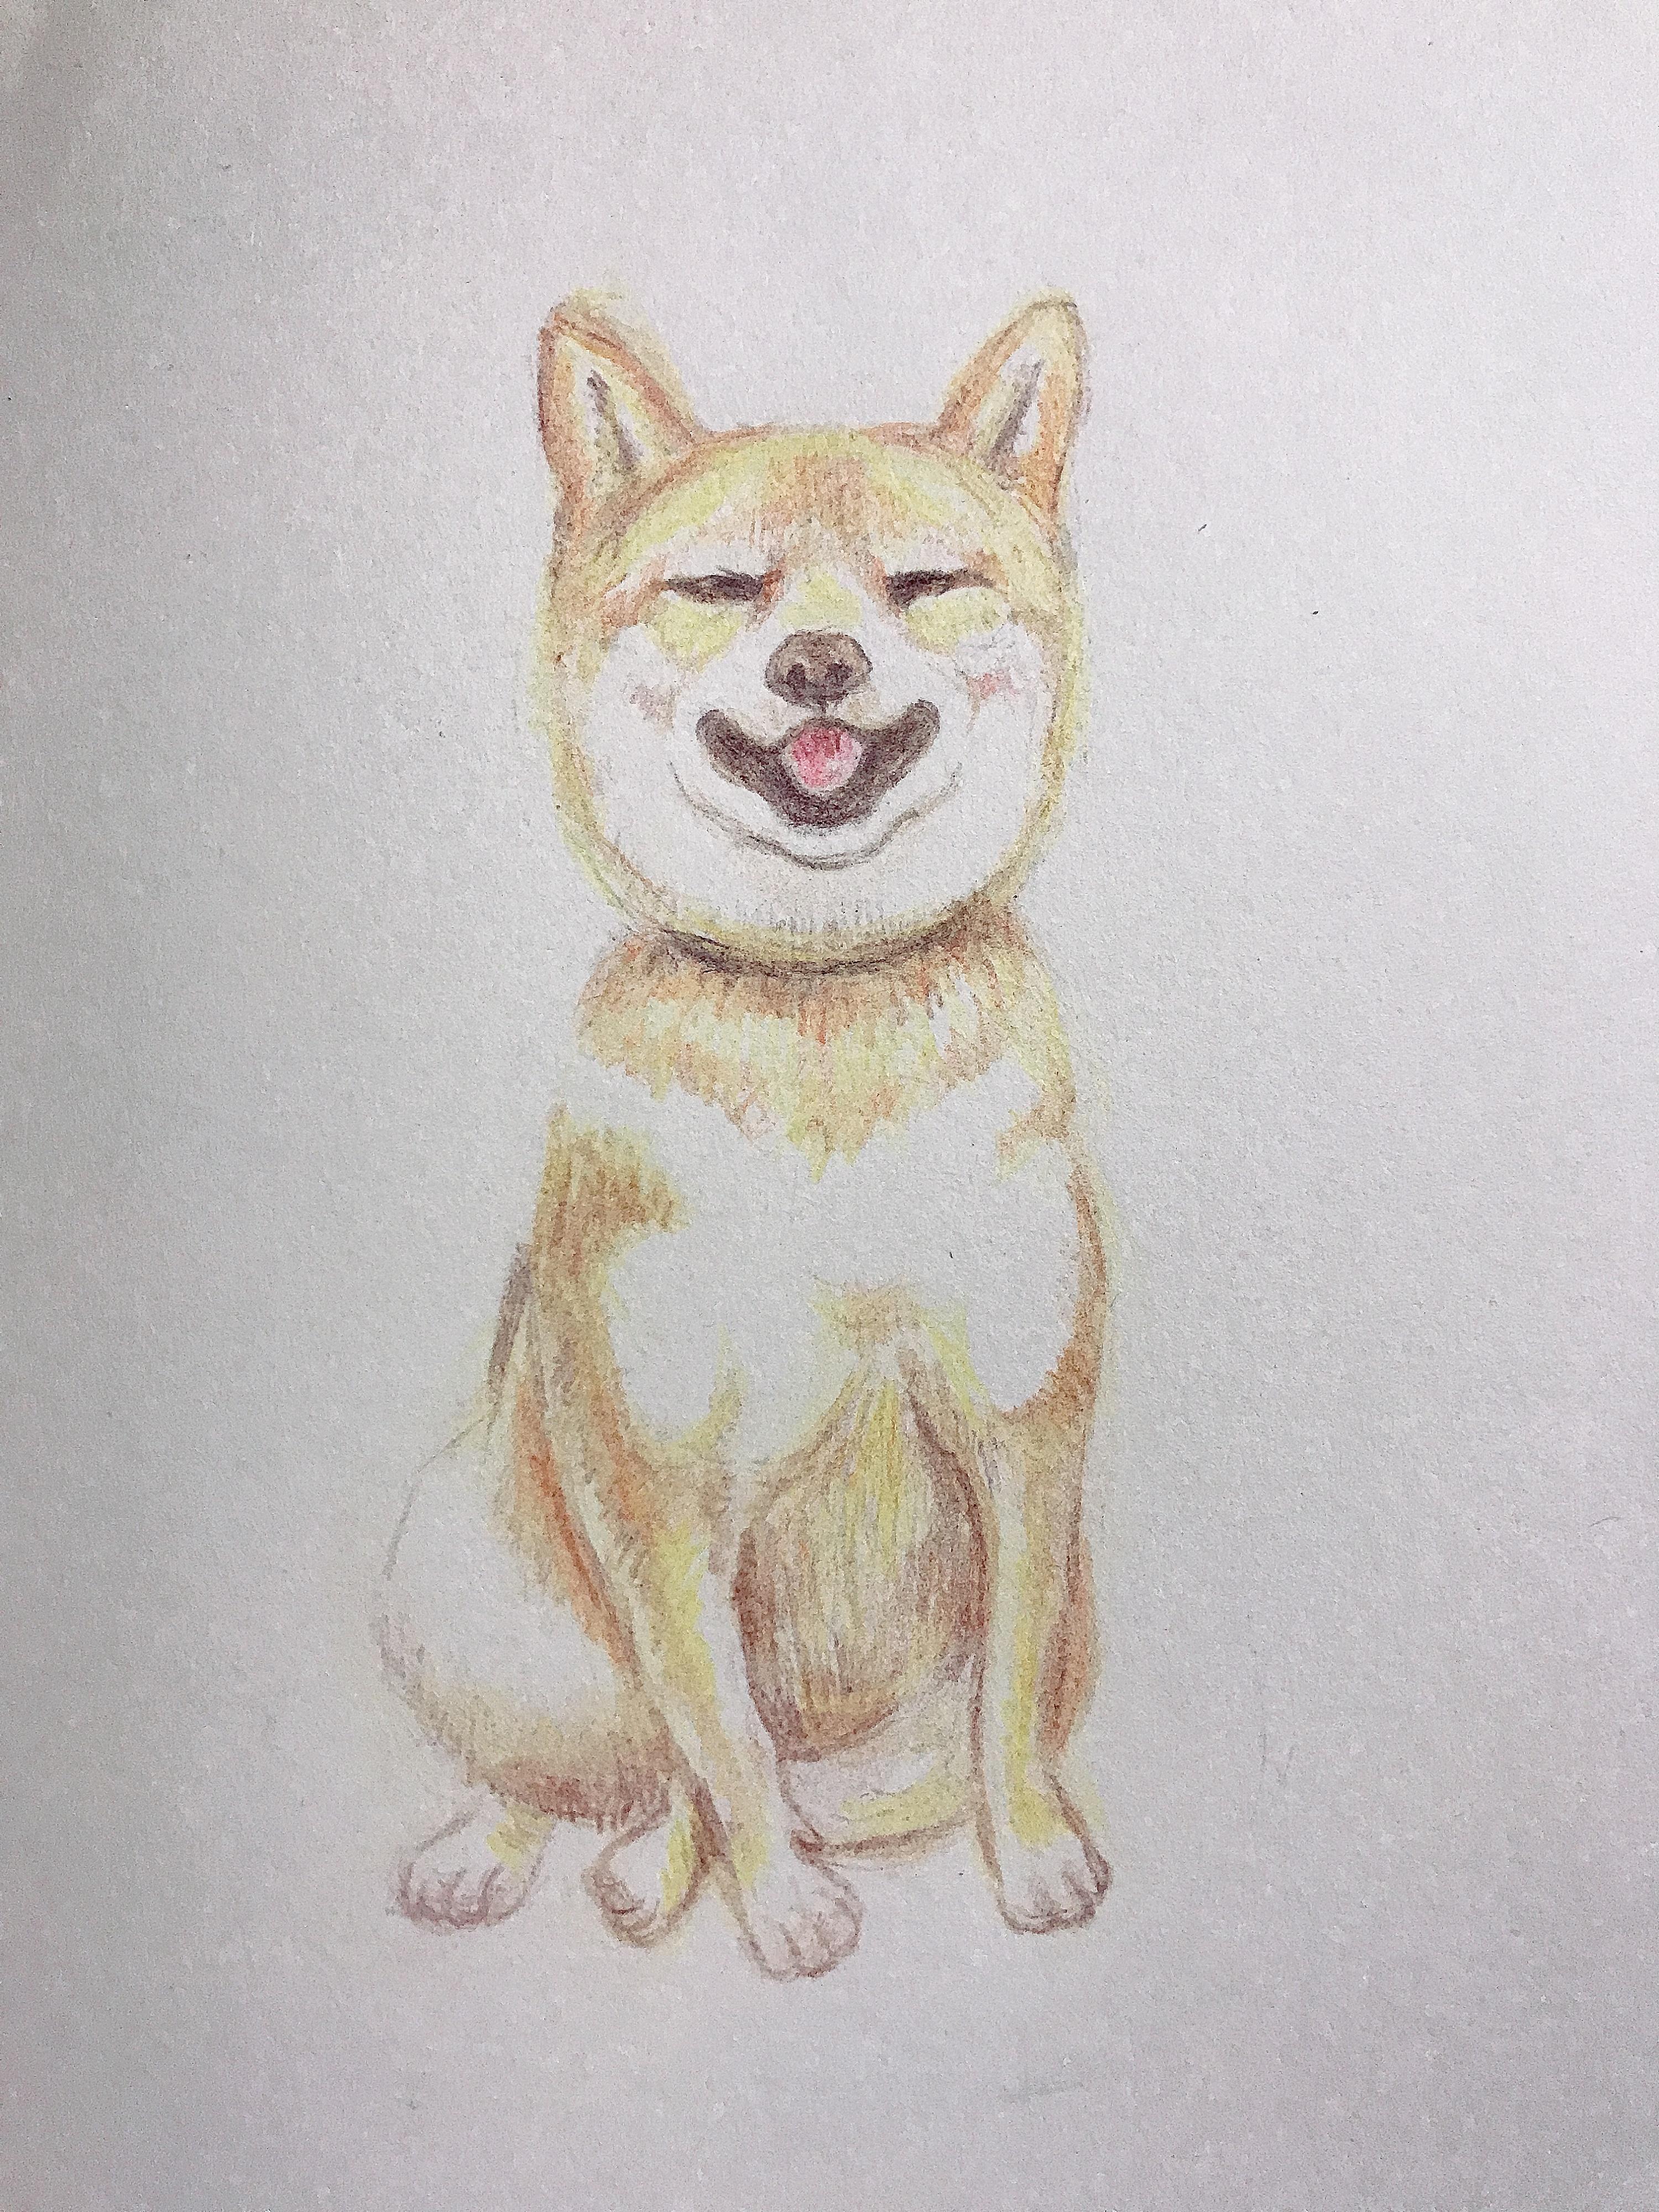 彩铅手绘——萌宠柴犬